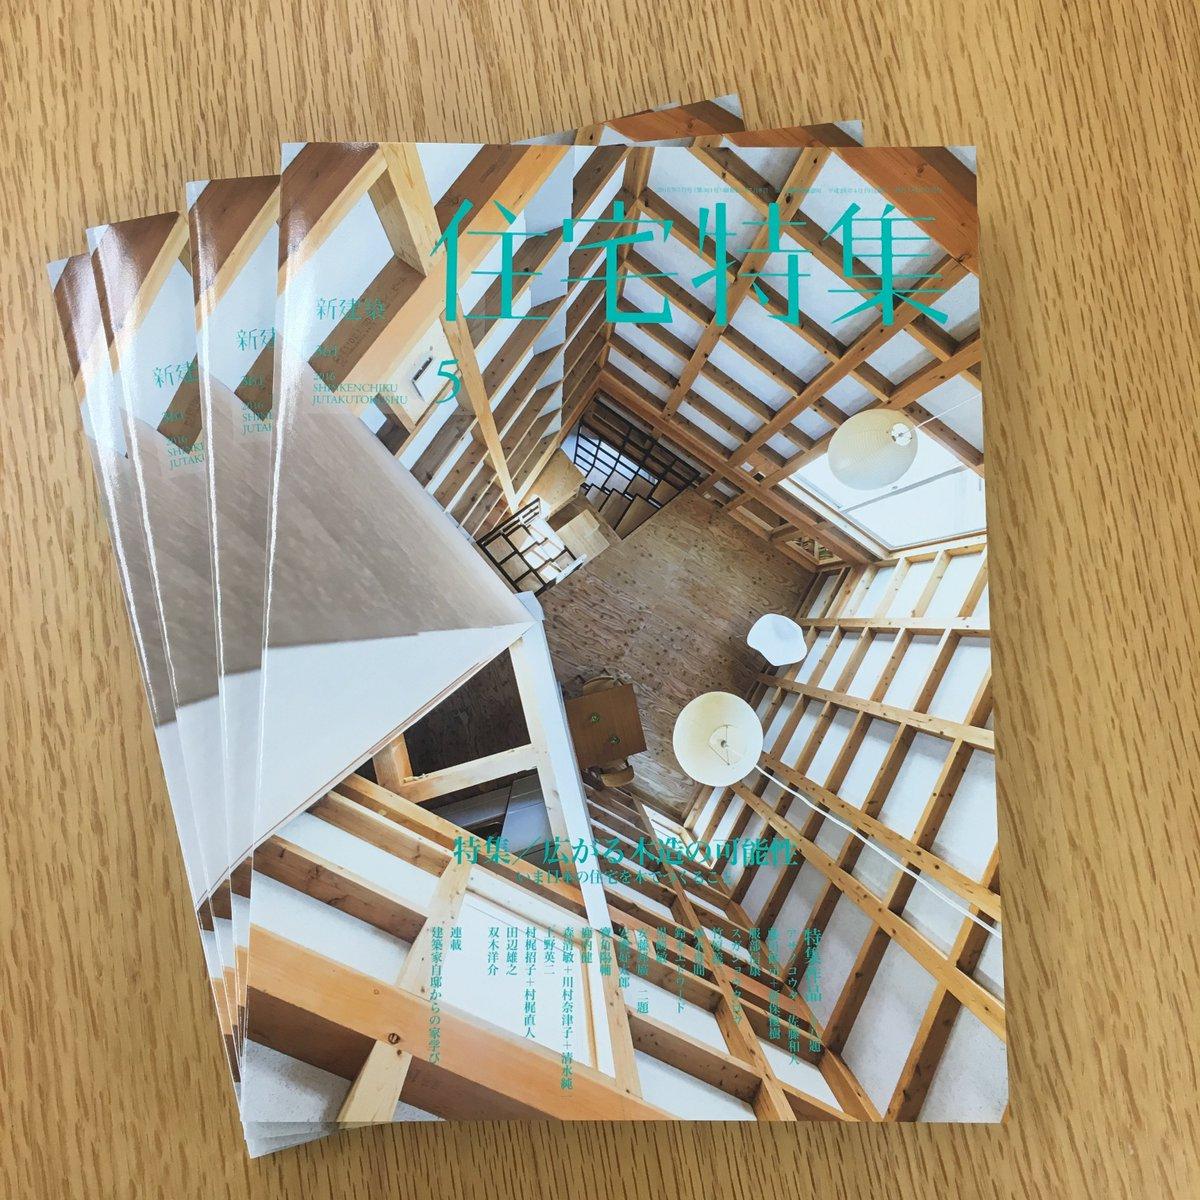 『新建築 住宅特集2016年5月号』は4月19日(火)発売予定です。 特集:広がる木造の可能性ーいま日本の住宅を木でつくること 頁数:176p 定価:税込2,057円 https://t.co/k85MT2ekOO